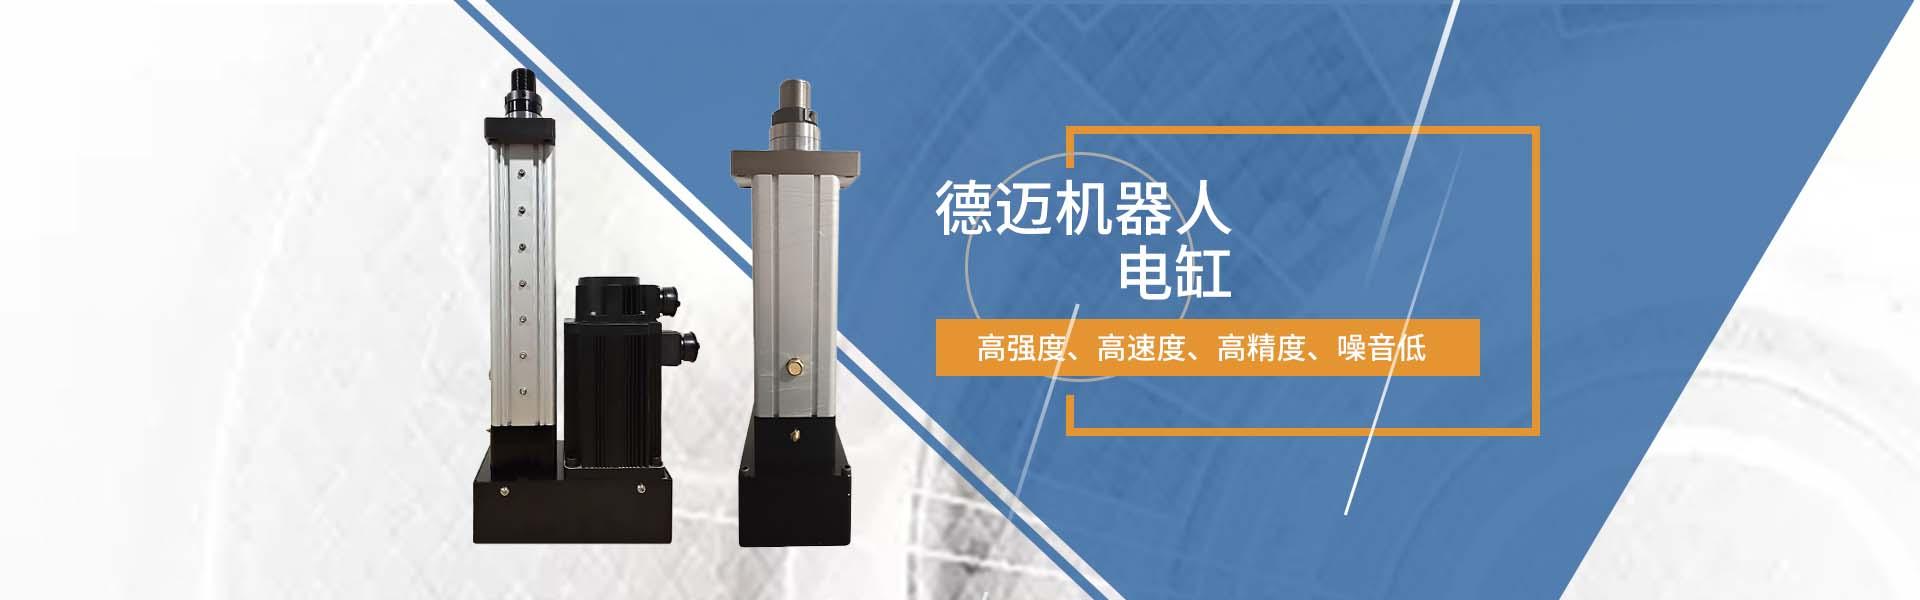 供应直线模组厂家,制造直线电机模组